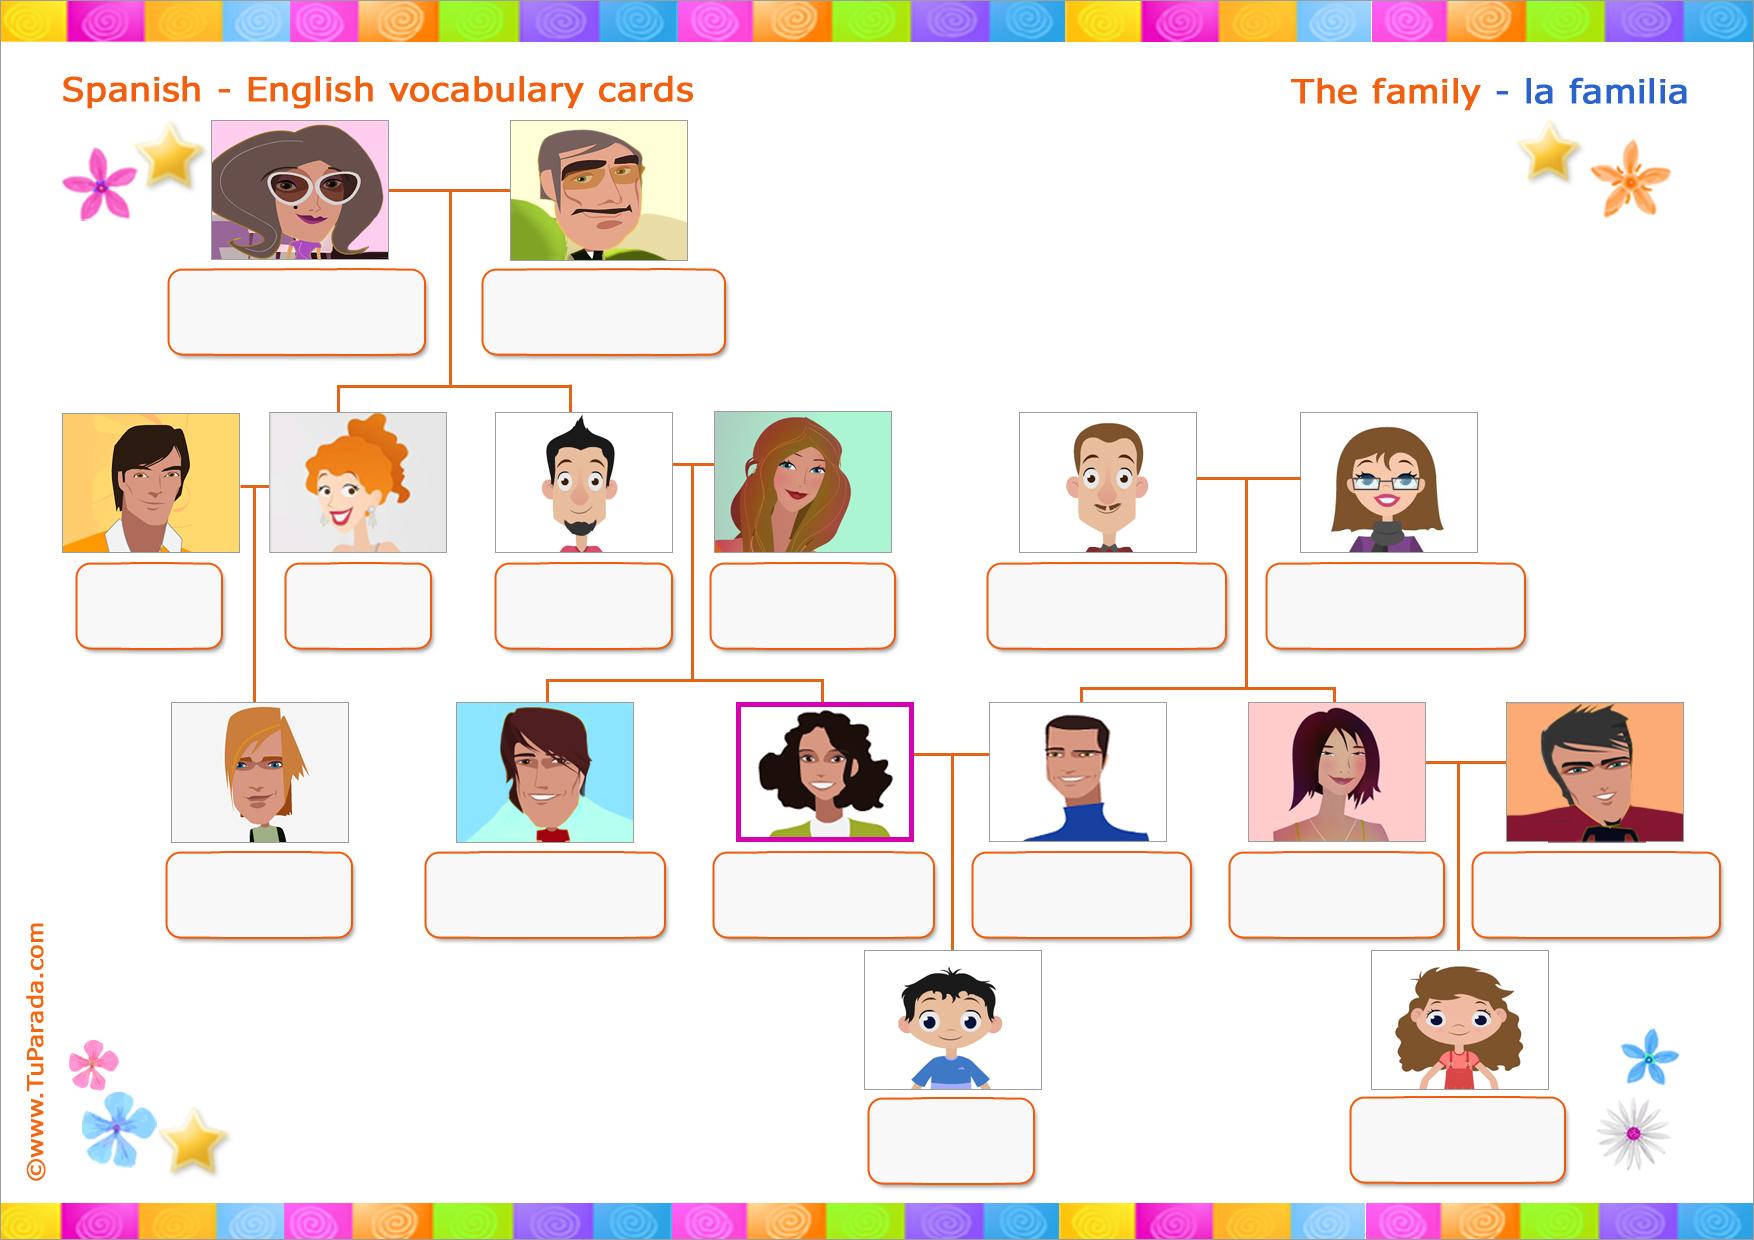 Tarjeta - Vocabulario: Familia - Family. Imprimir.